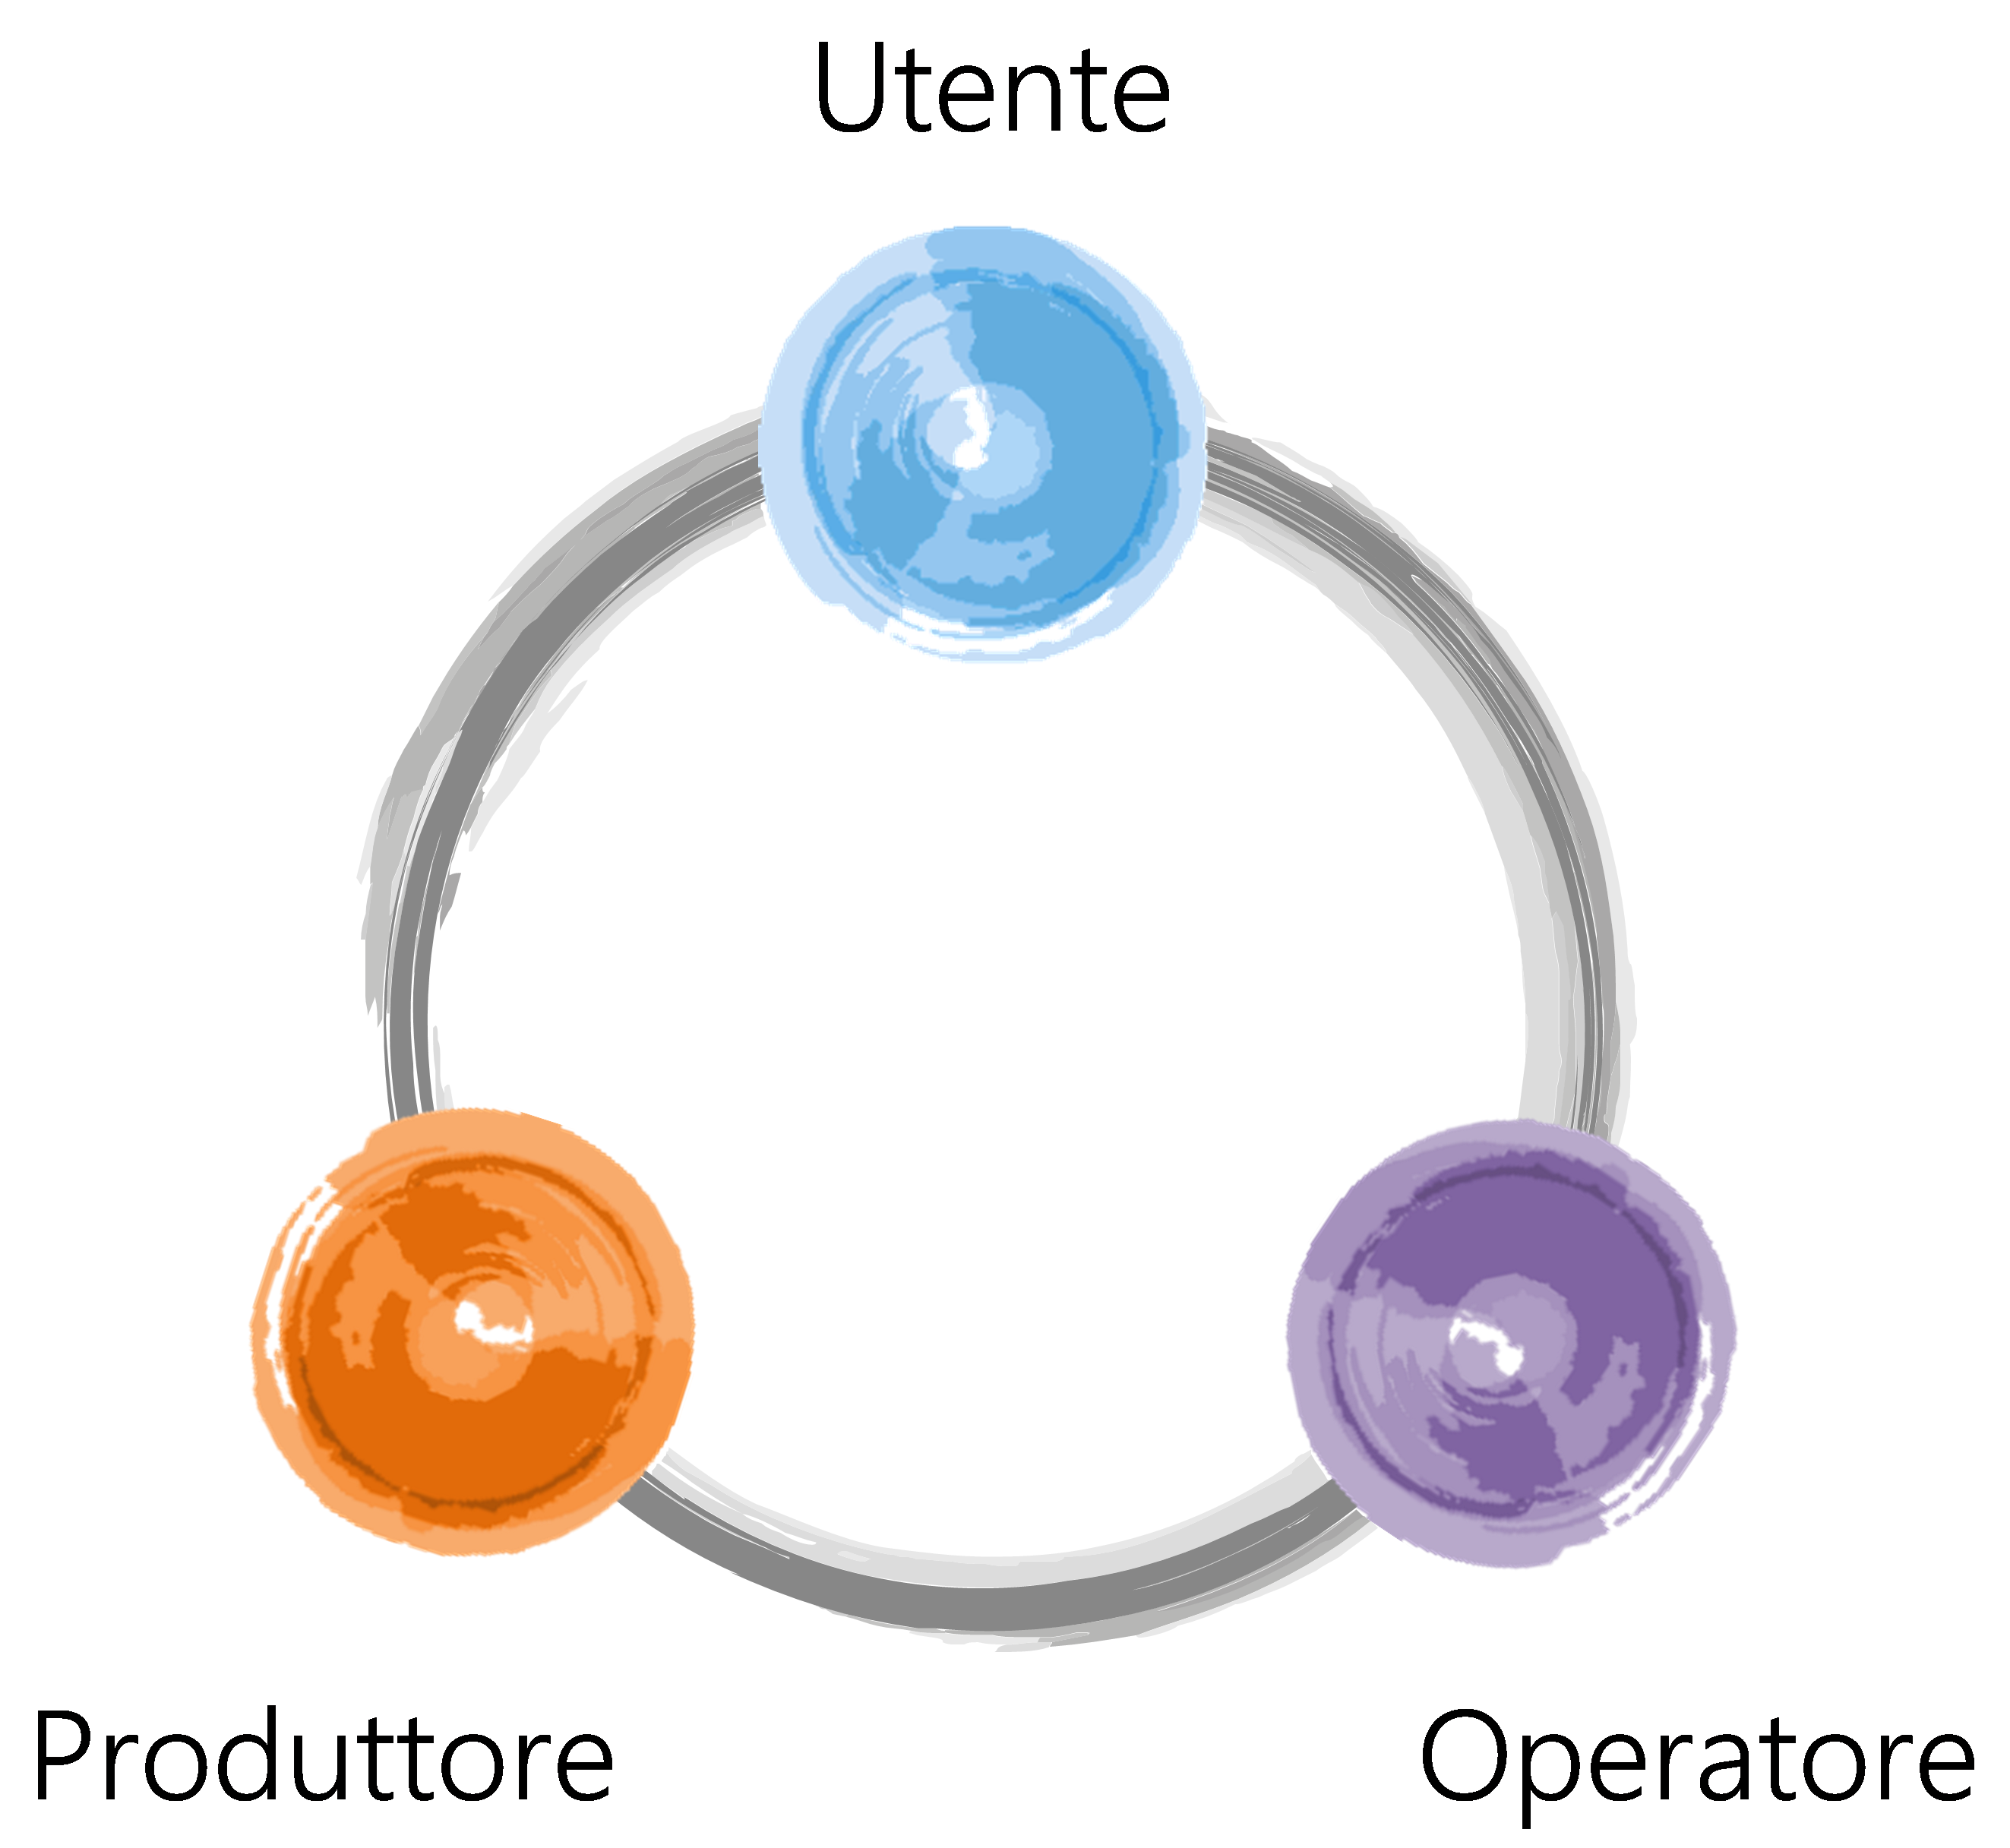 Figura 23: Il punto di vista dei titolari dei ruoli nel progetto